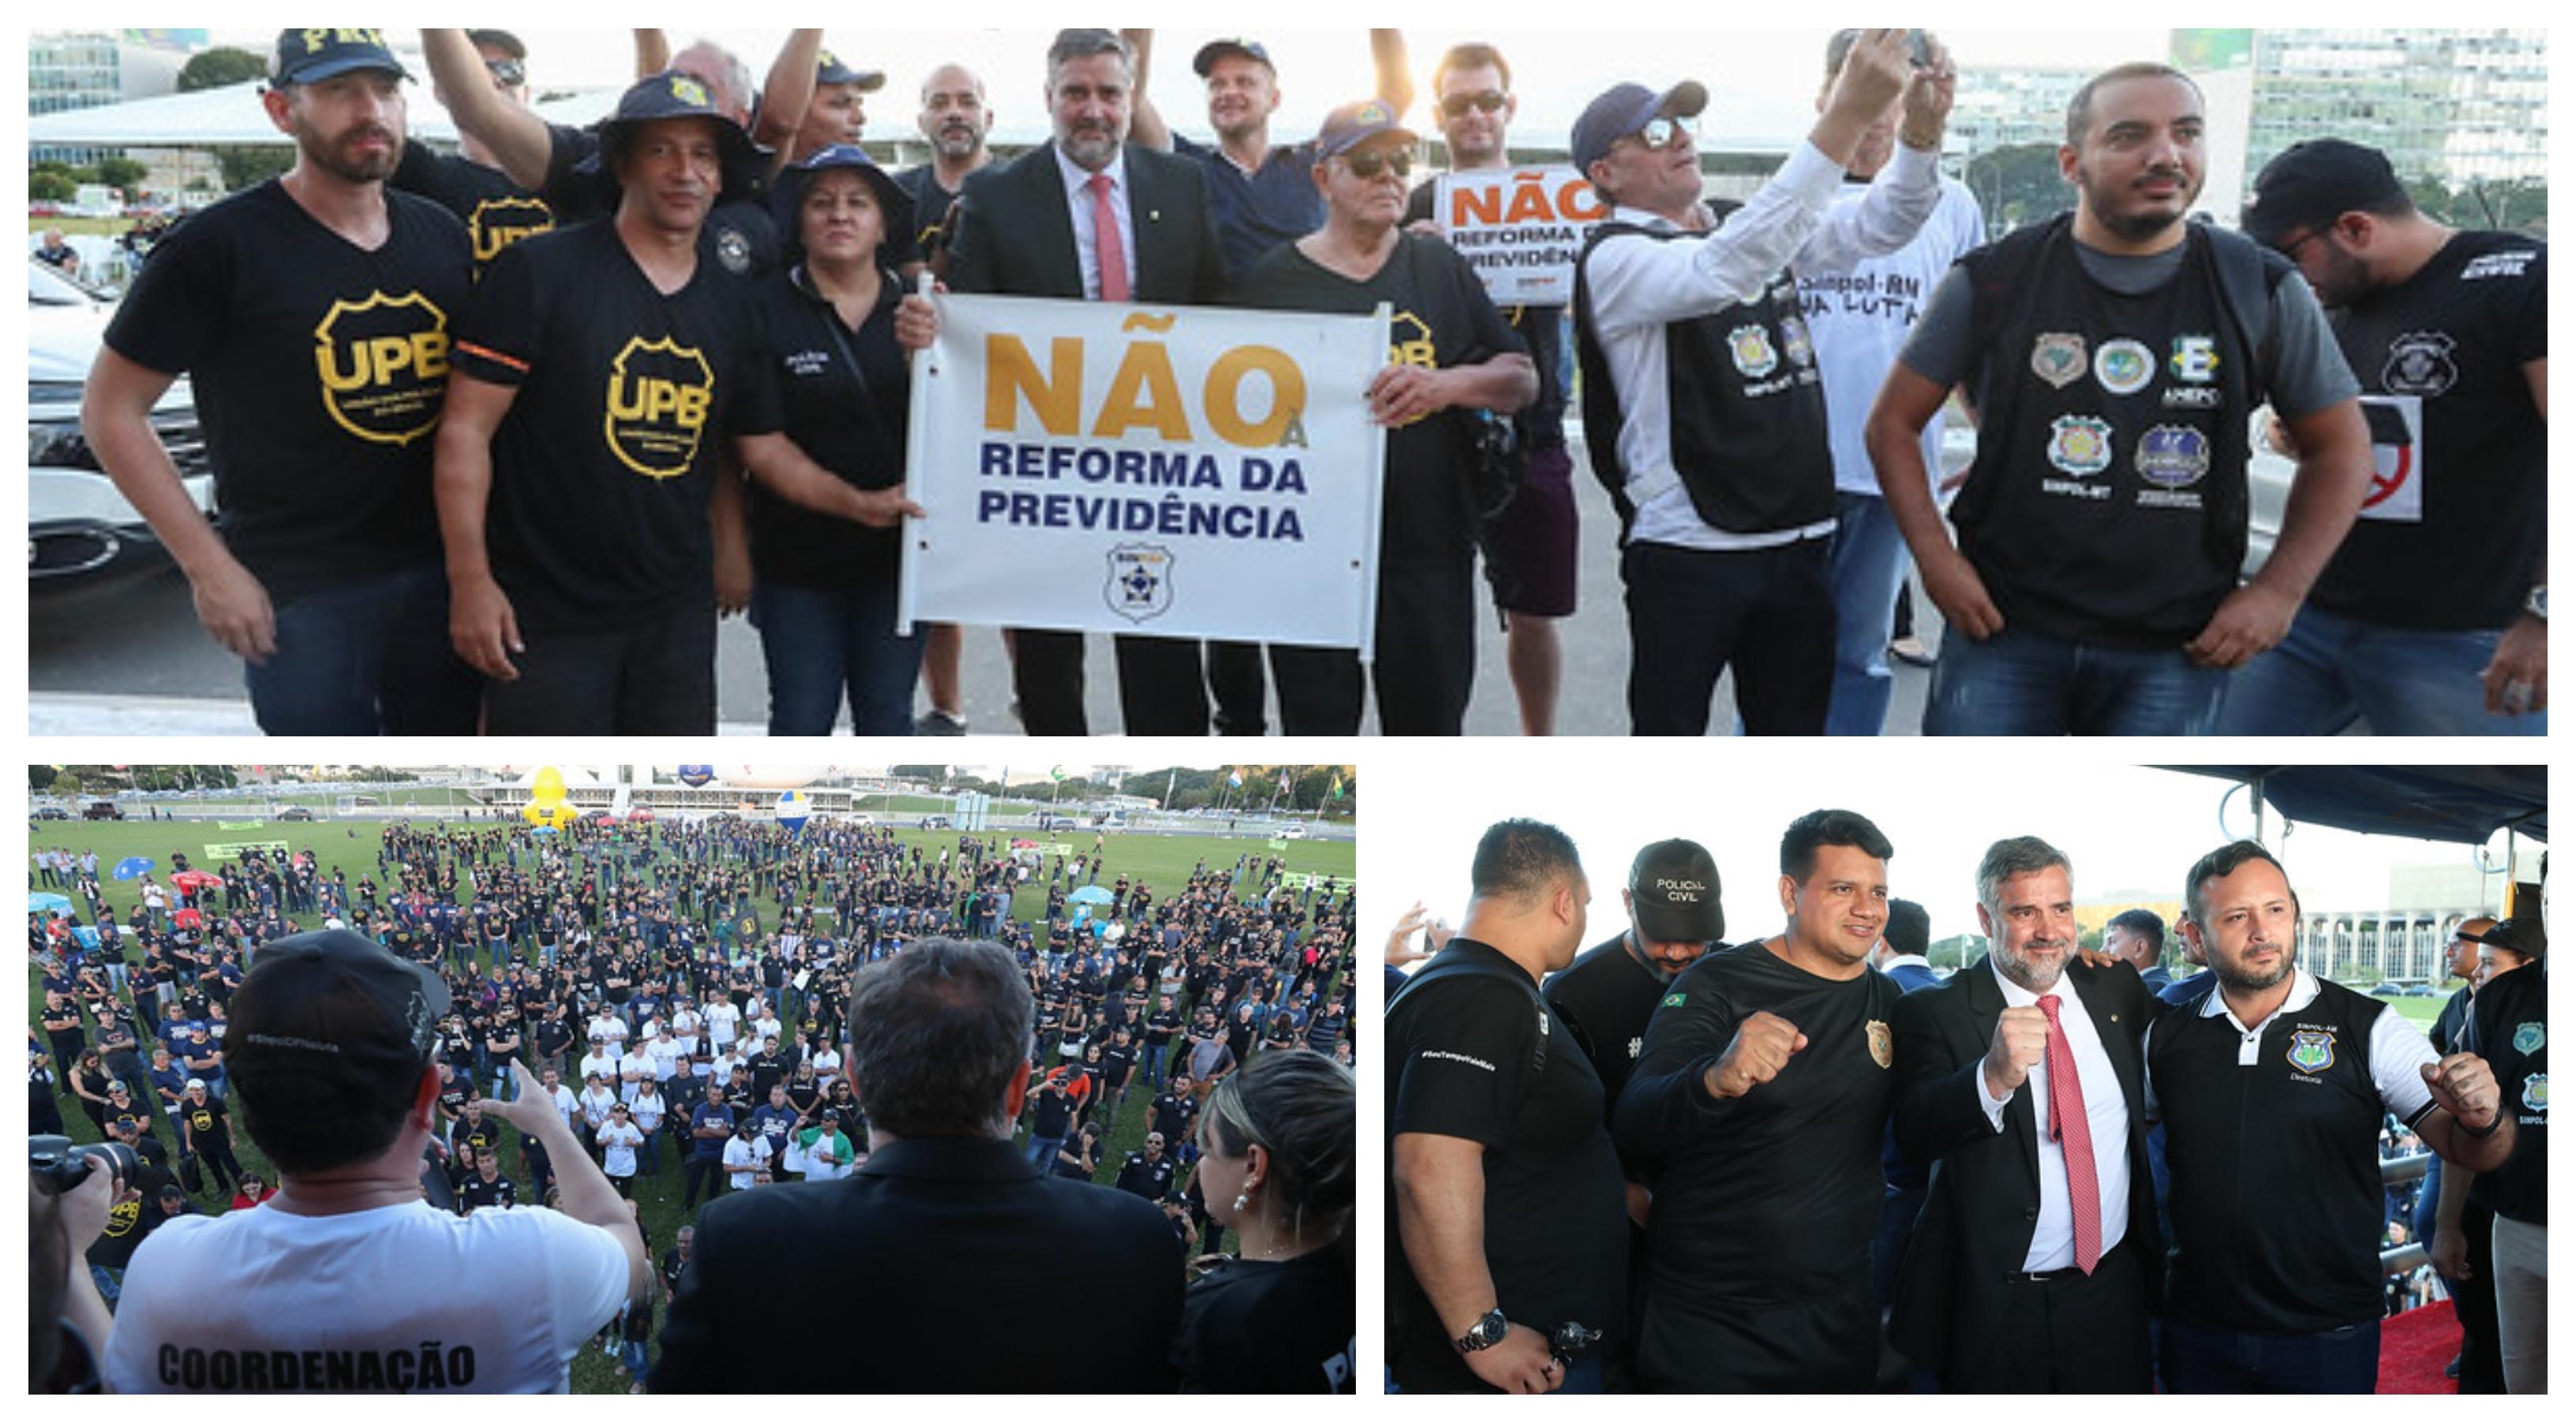 Previdência: Policiais chamam Bolsonaro de 'traidor'; vídeos